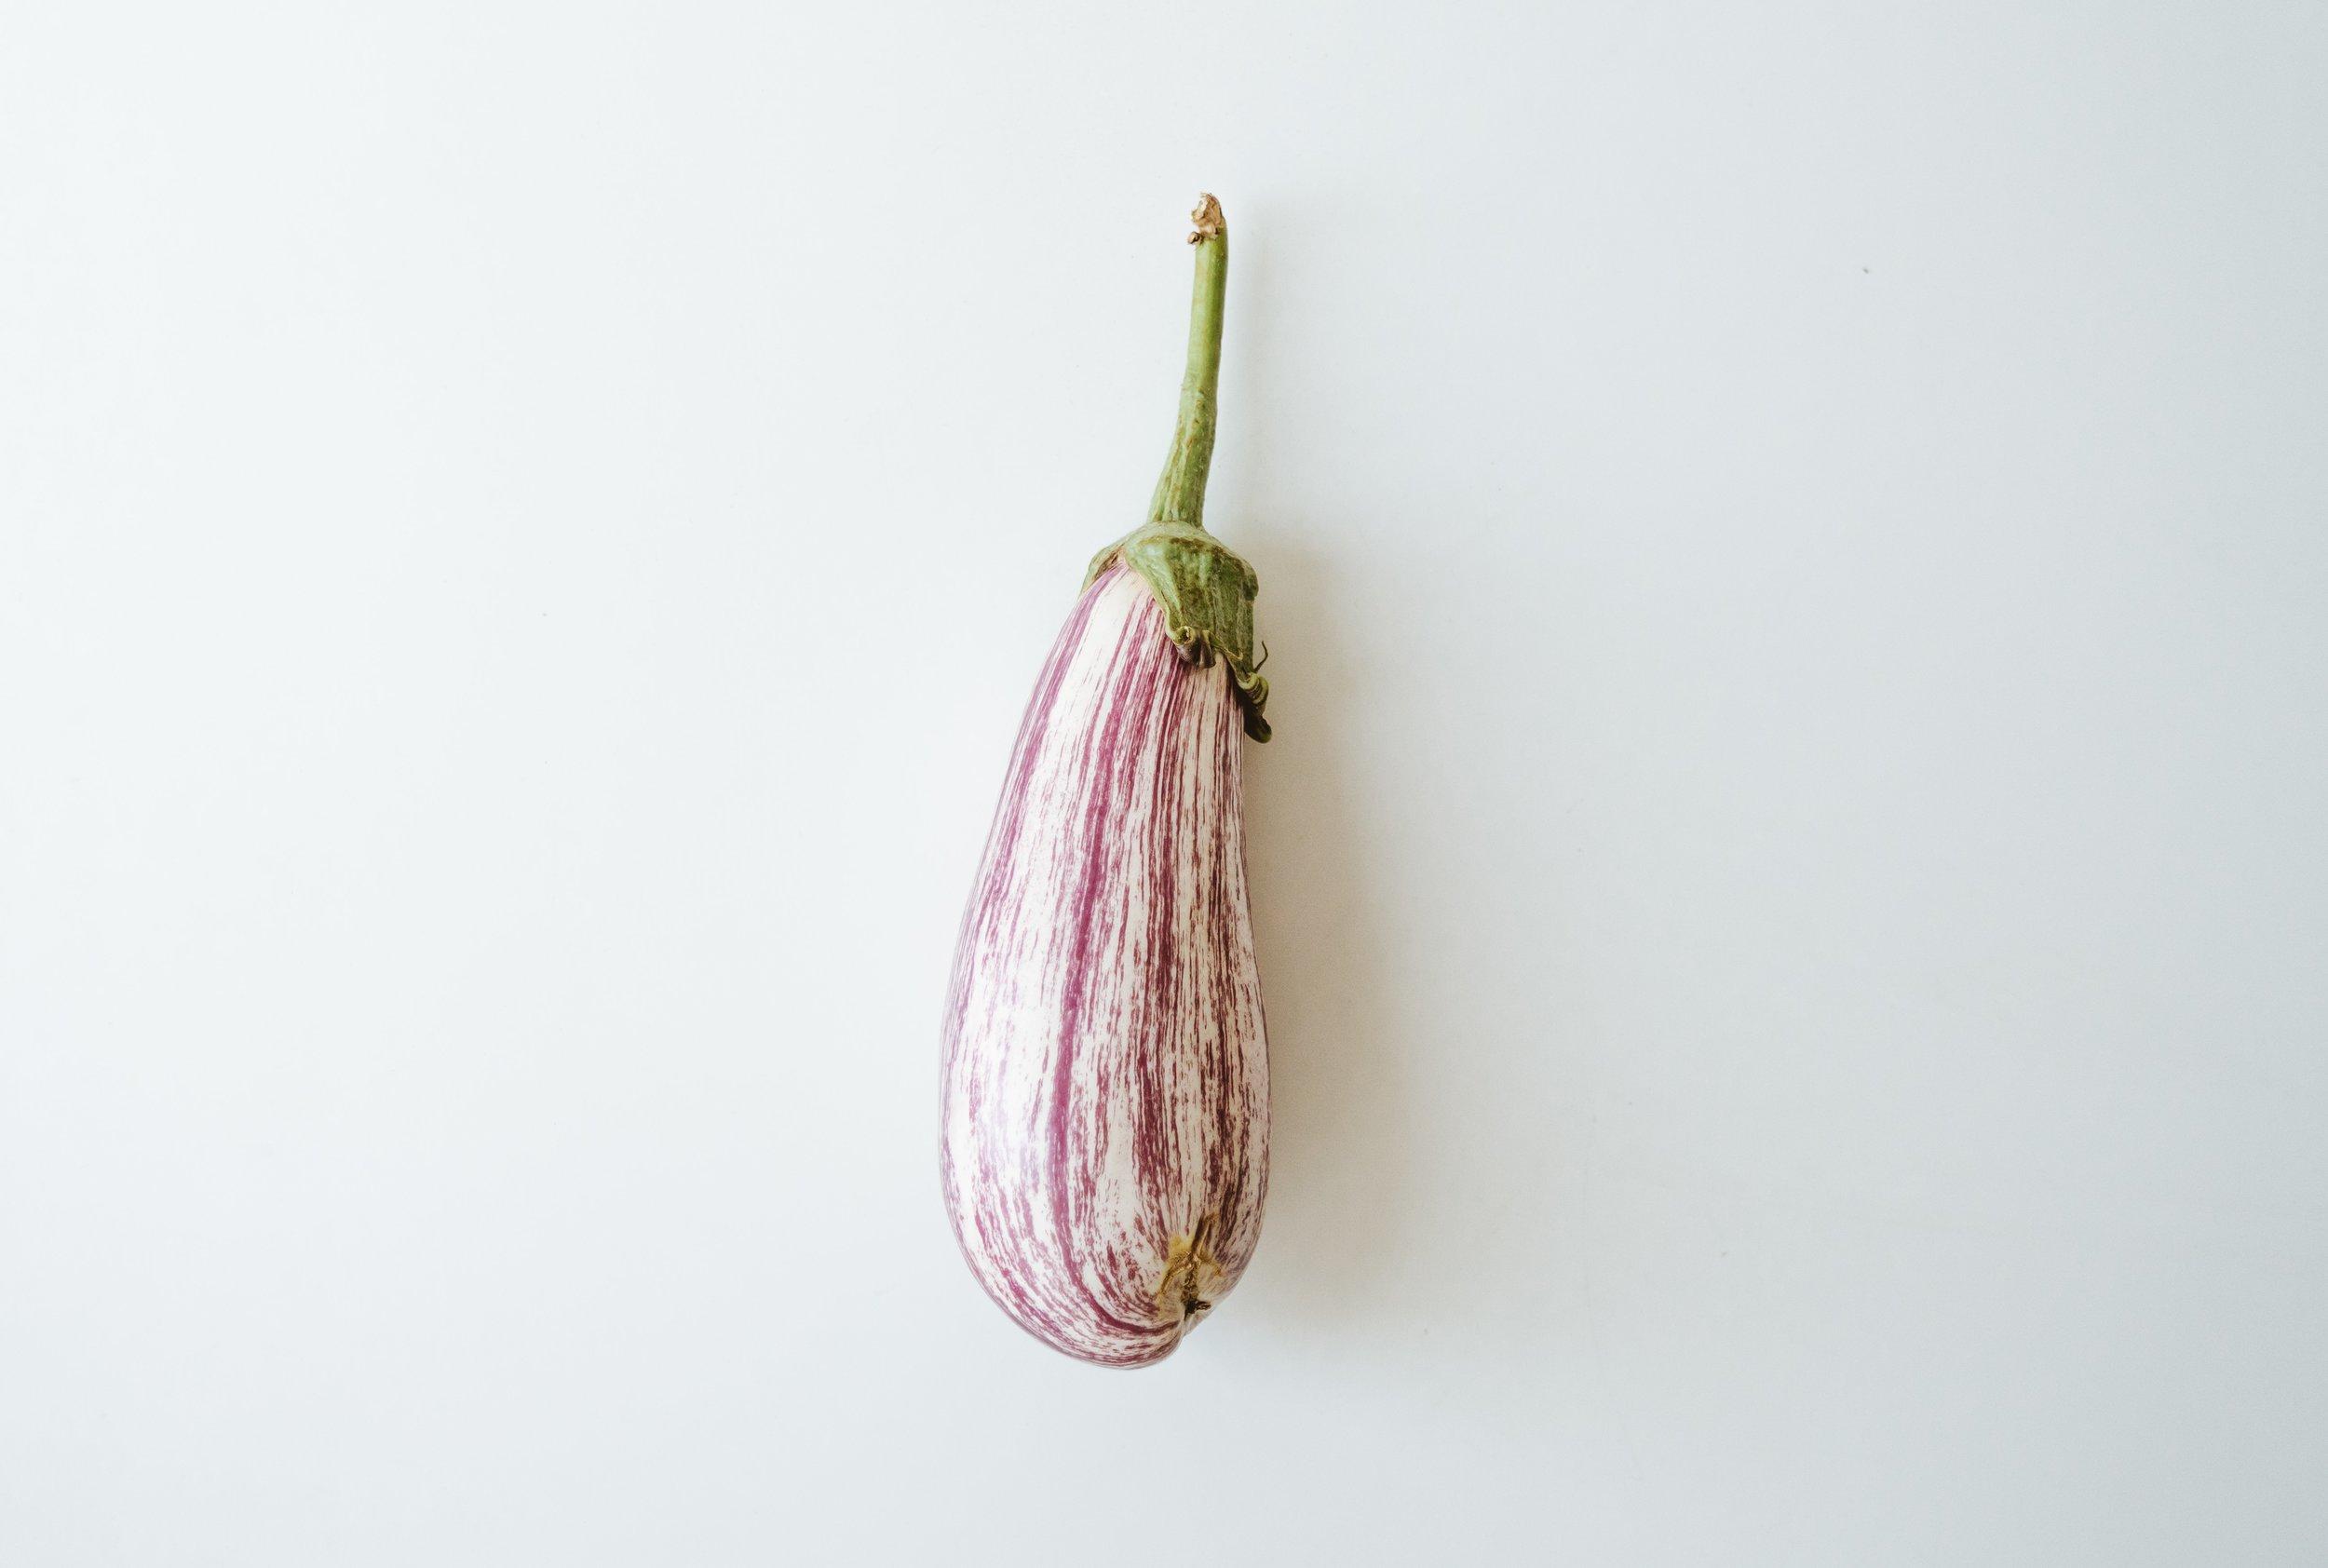 eggplant-food-vegetable-1340856.jpg